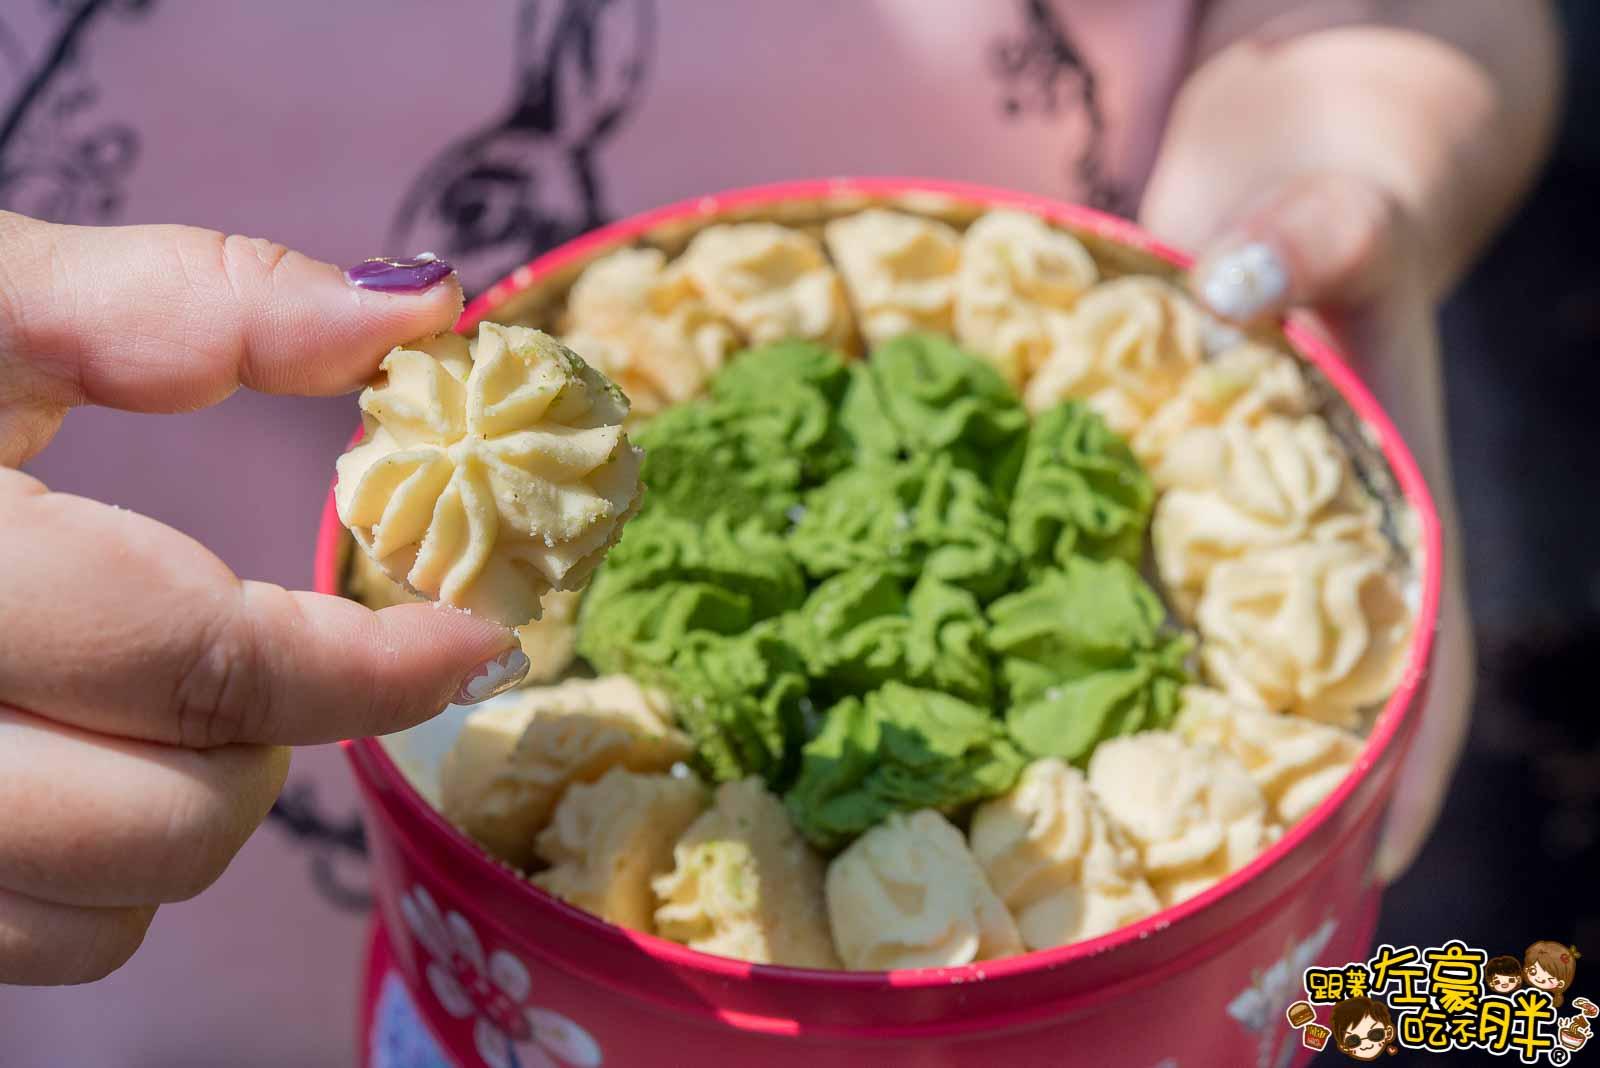 愛威鐵盒餅乾 (台中美食)-7